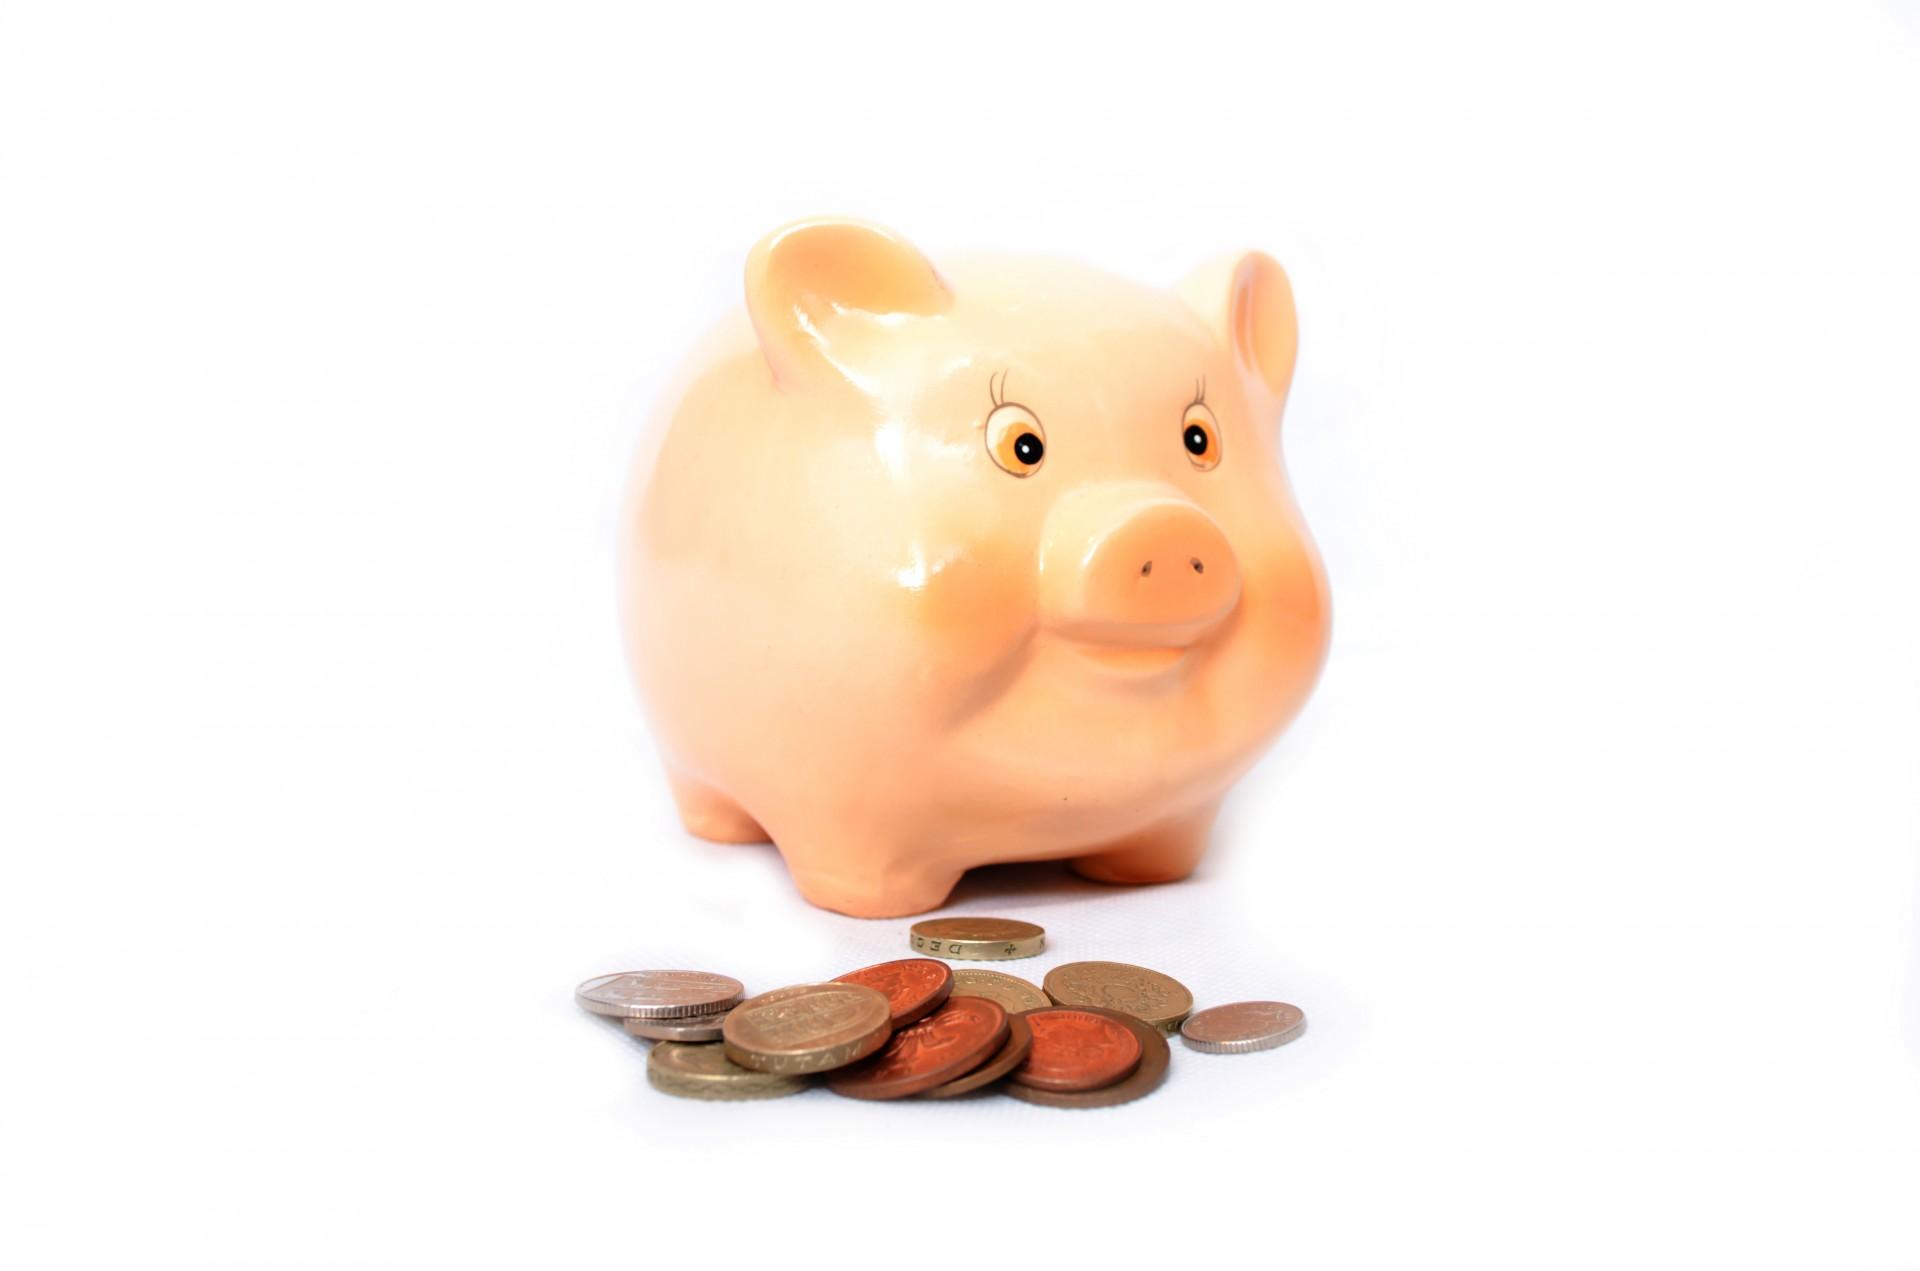 Nová půjčka Kamali pak přináší nejen změnu názvu a menší změnu grafiky, ale i několik dalších úprav – všechny jsou však pro klienty velmi příznivé. Jednou ze změn je navýšení maximální malé půjčky pro stálé klienty z 15 000 na 20 000 Kč.